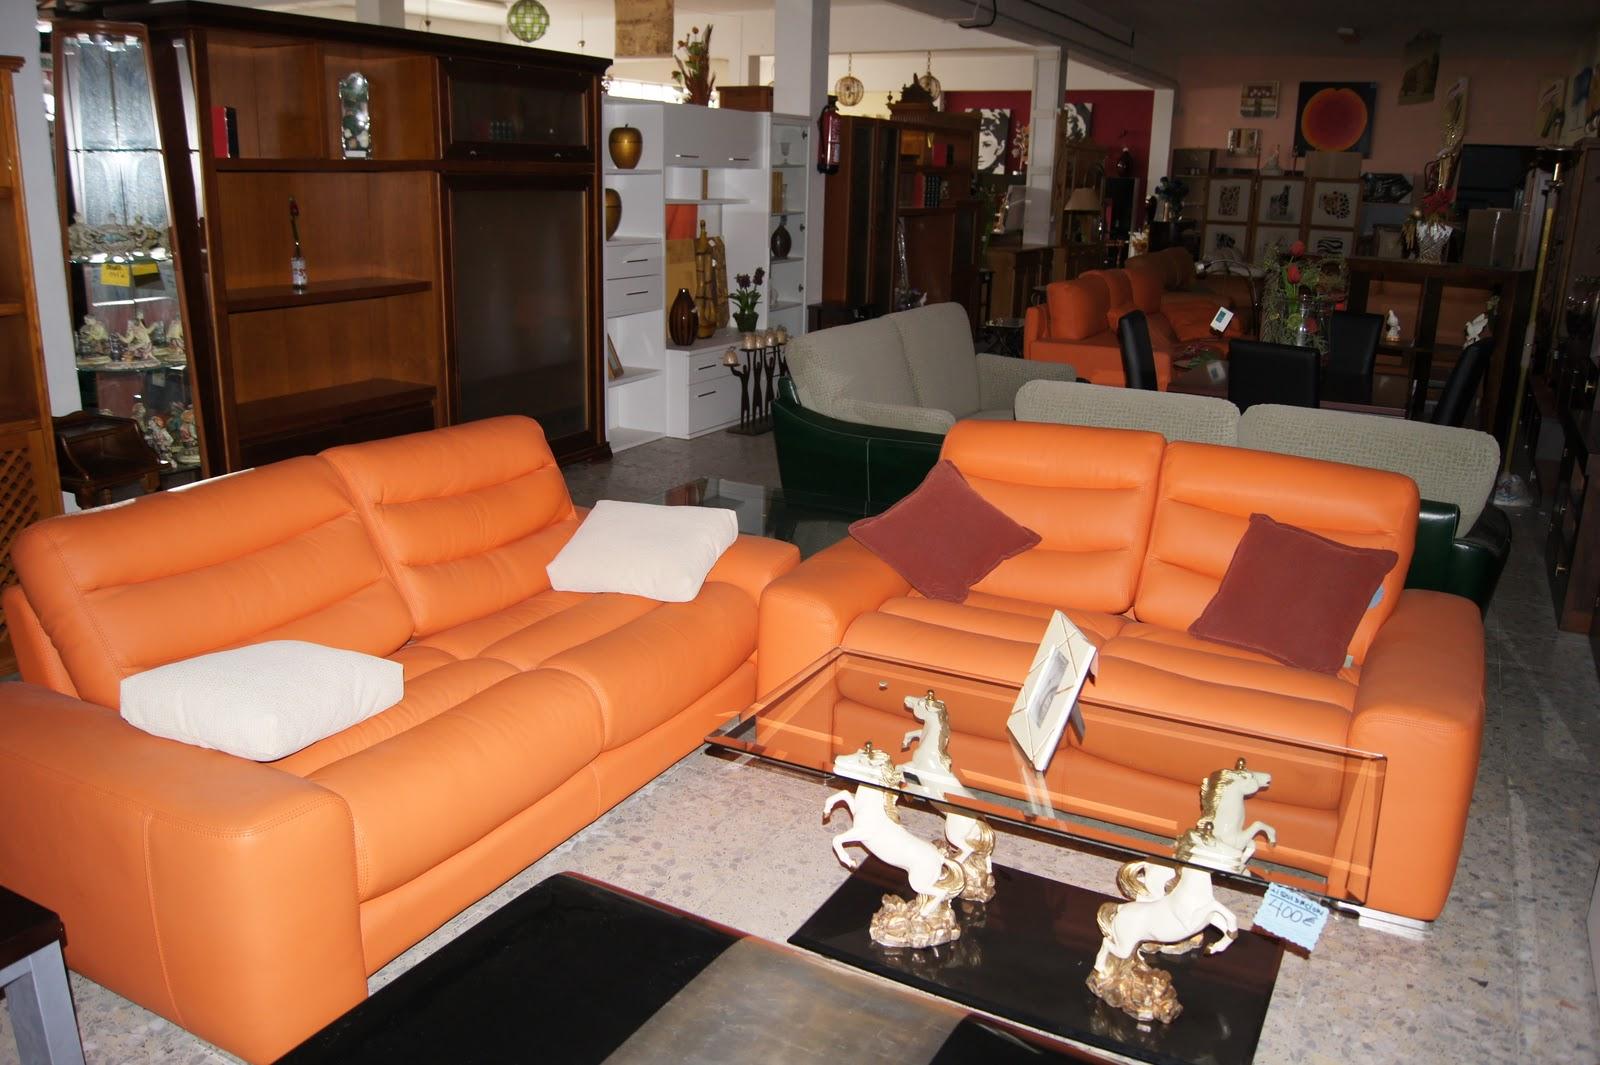 Centro mueble la linea for Centro mueble